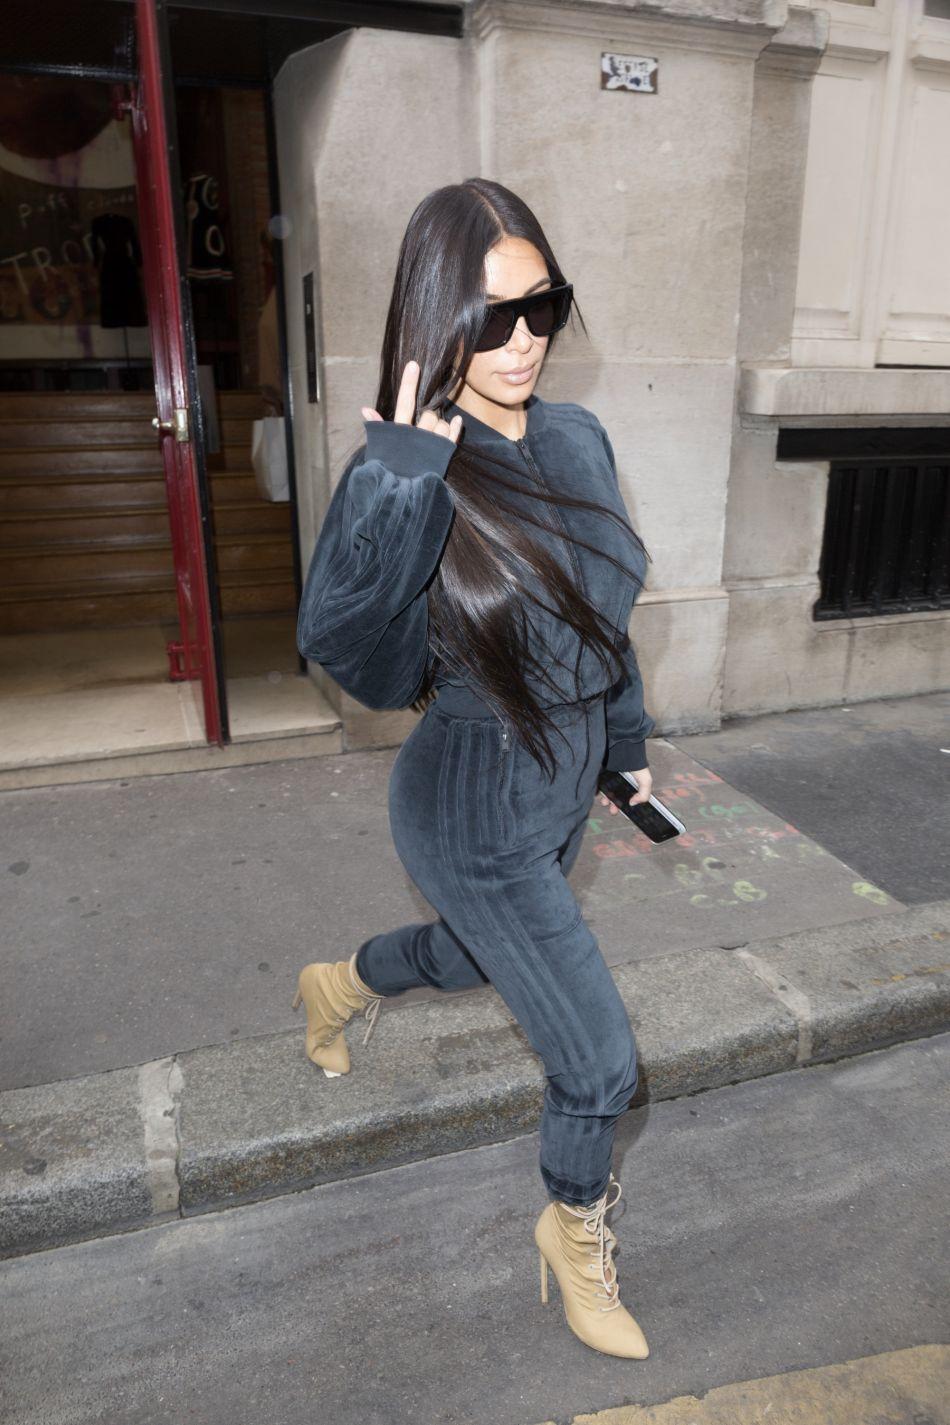 Kimmy a posté plusieurs vidéos sur Snapchat à la sortie du centre esthétique.